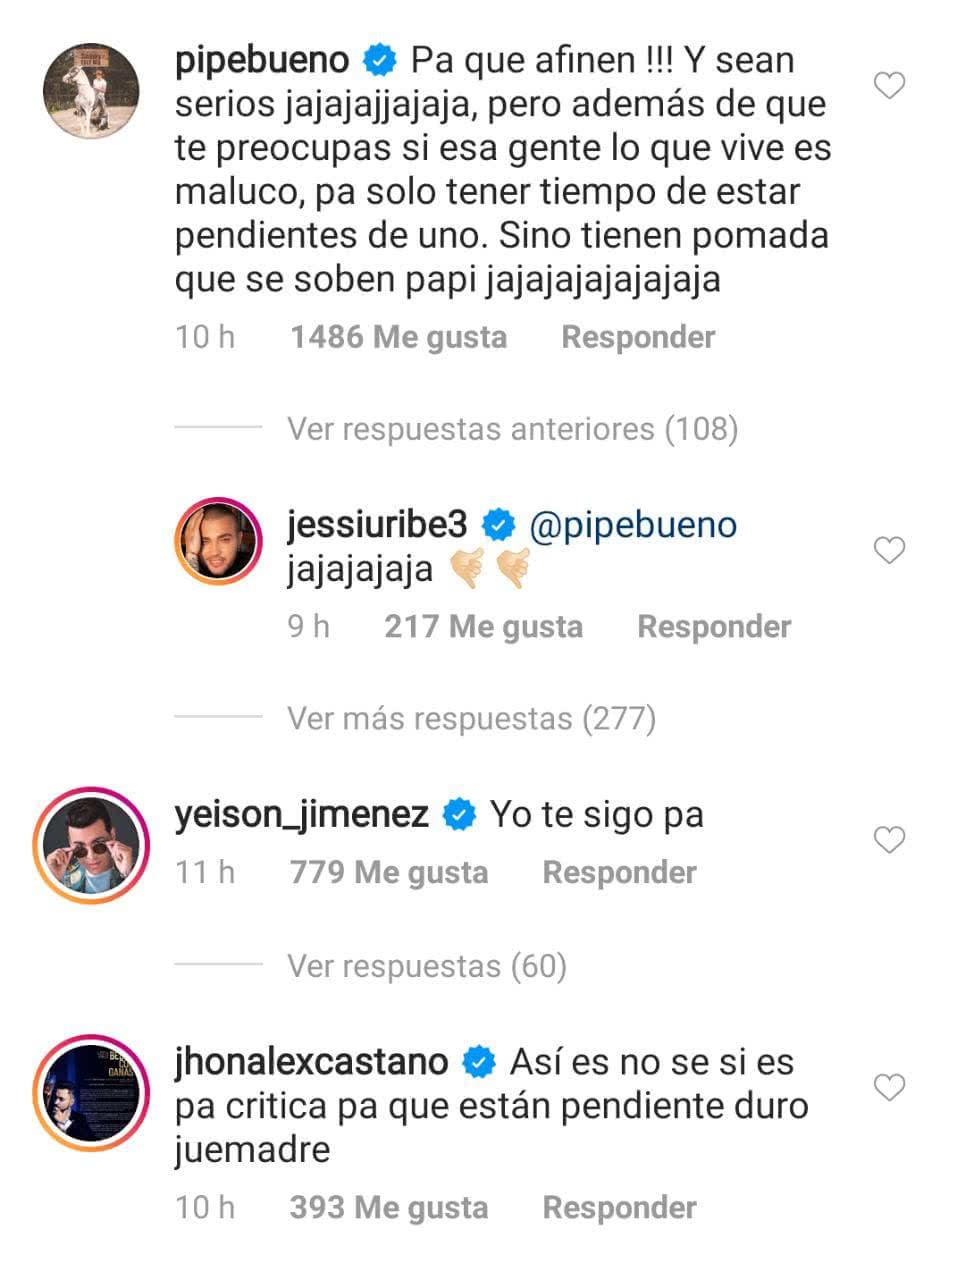 Jessi Uribe envió fuerte advertencia a quienes lo critican - Imagen 1